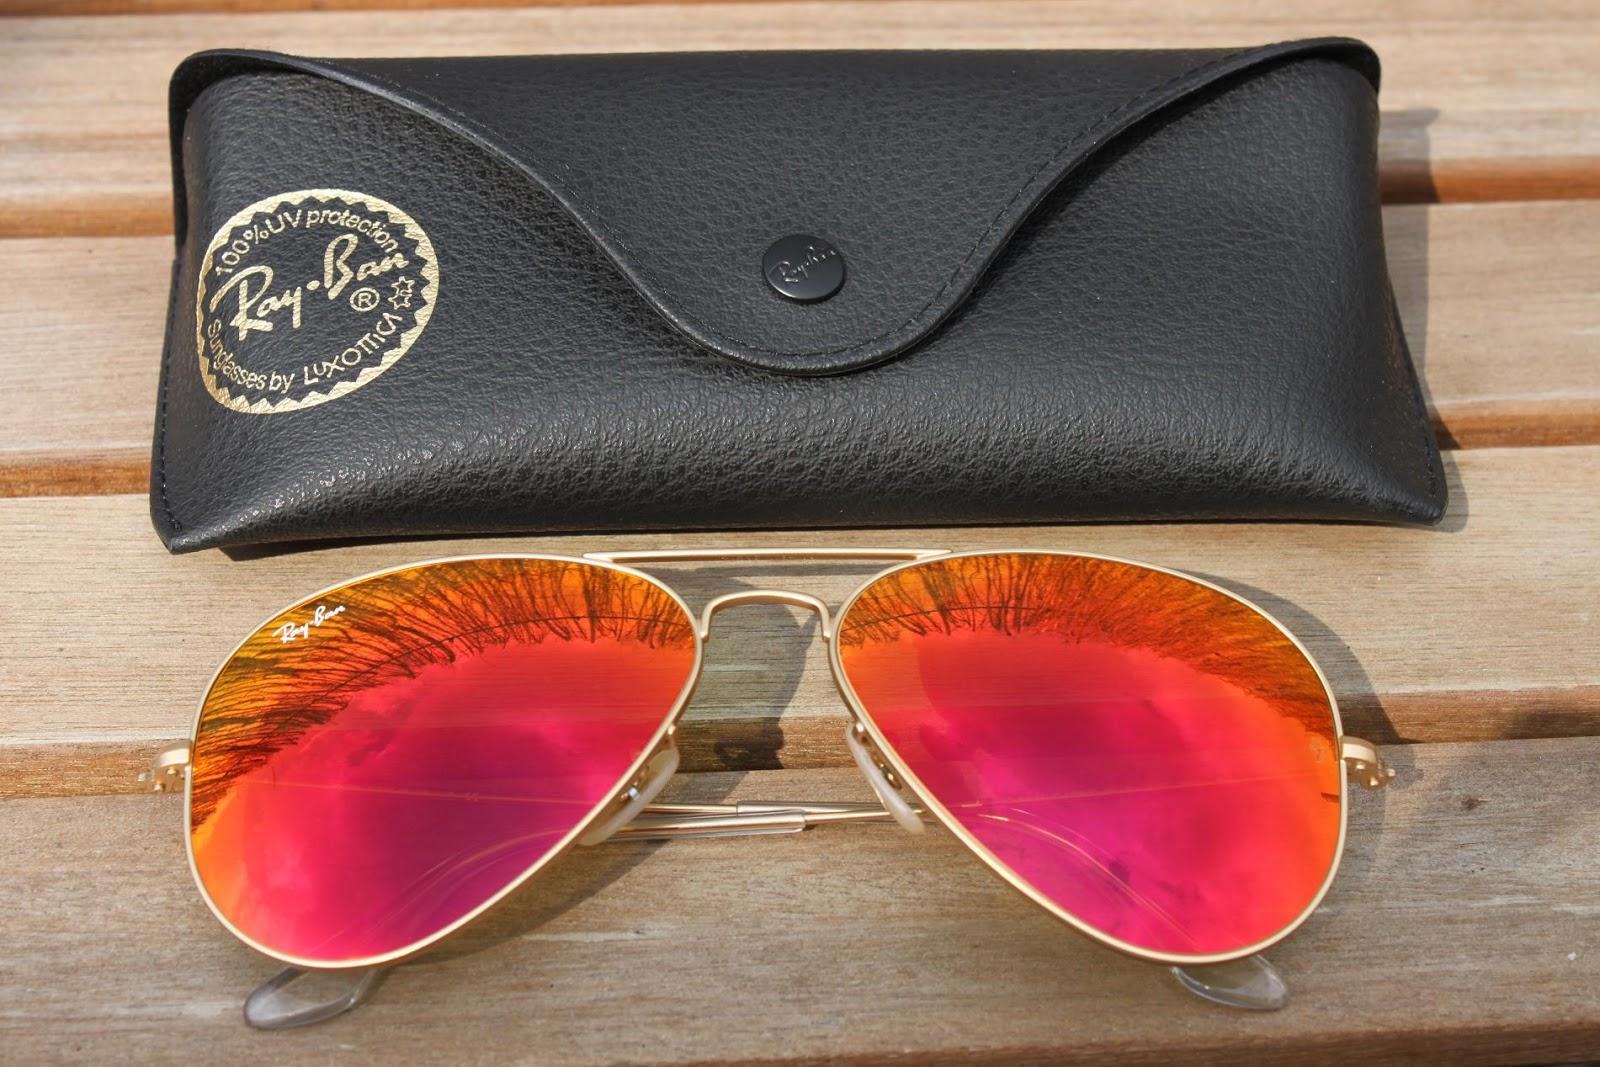 lunette ray ban aviator femme miroir 945a06d5321b